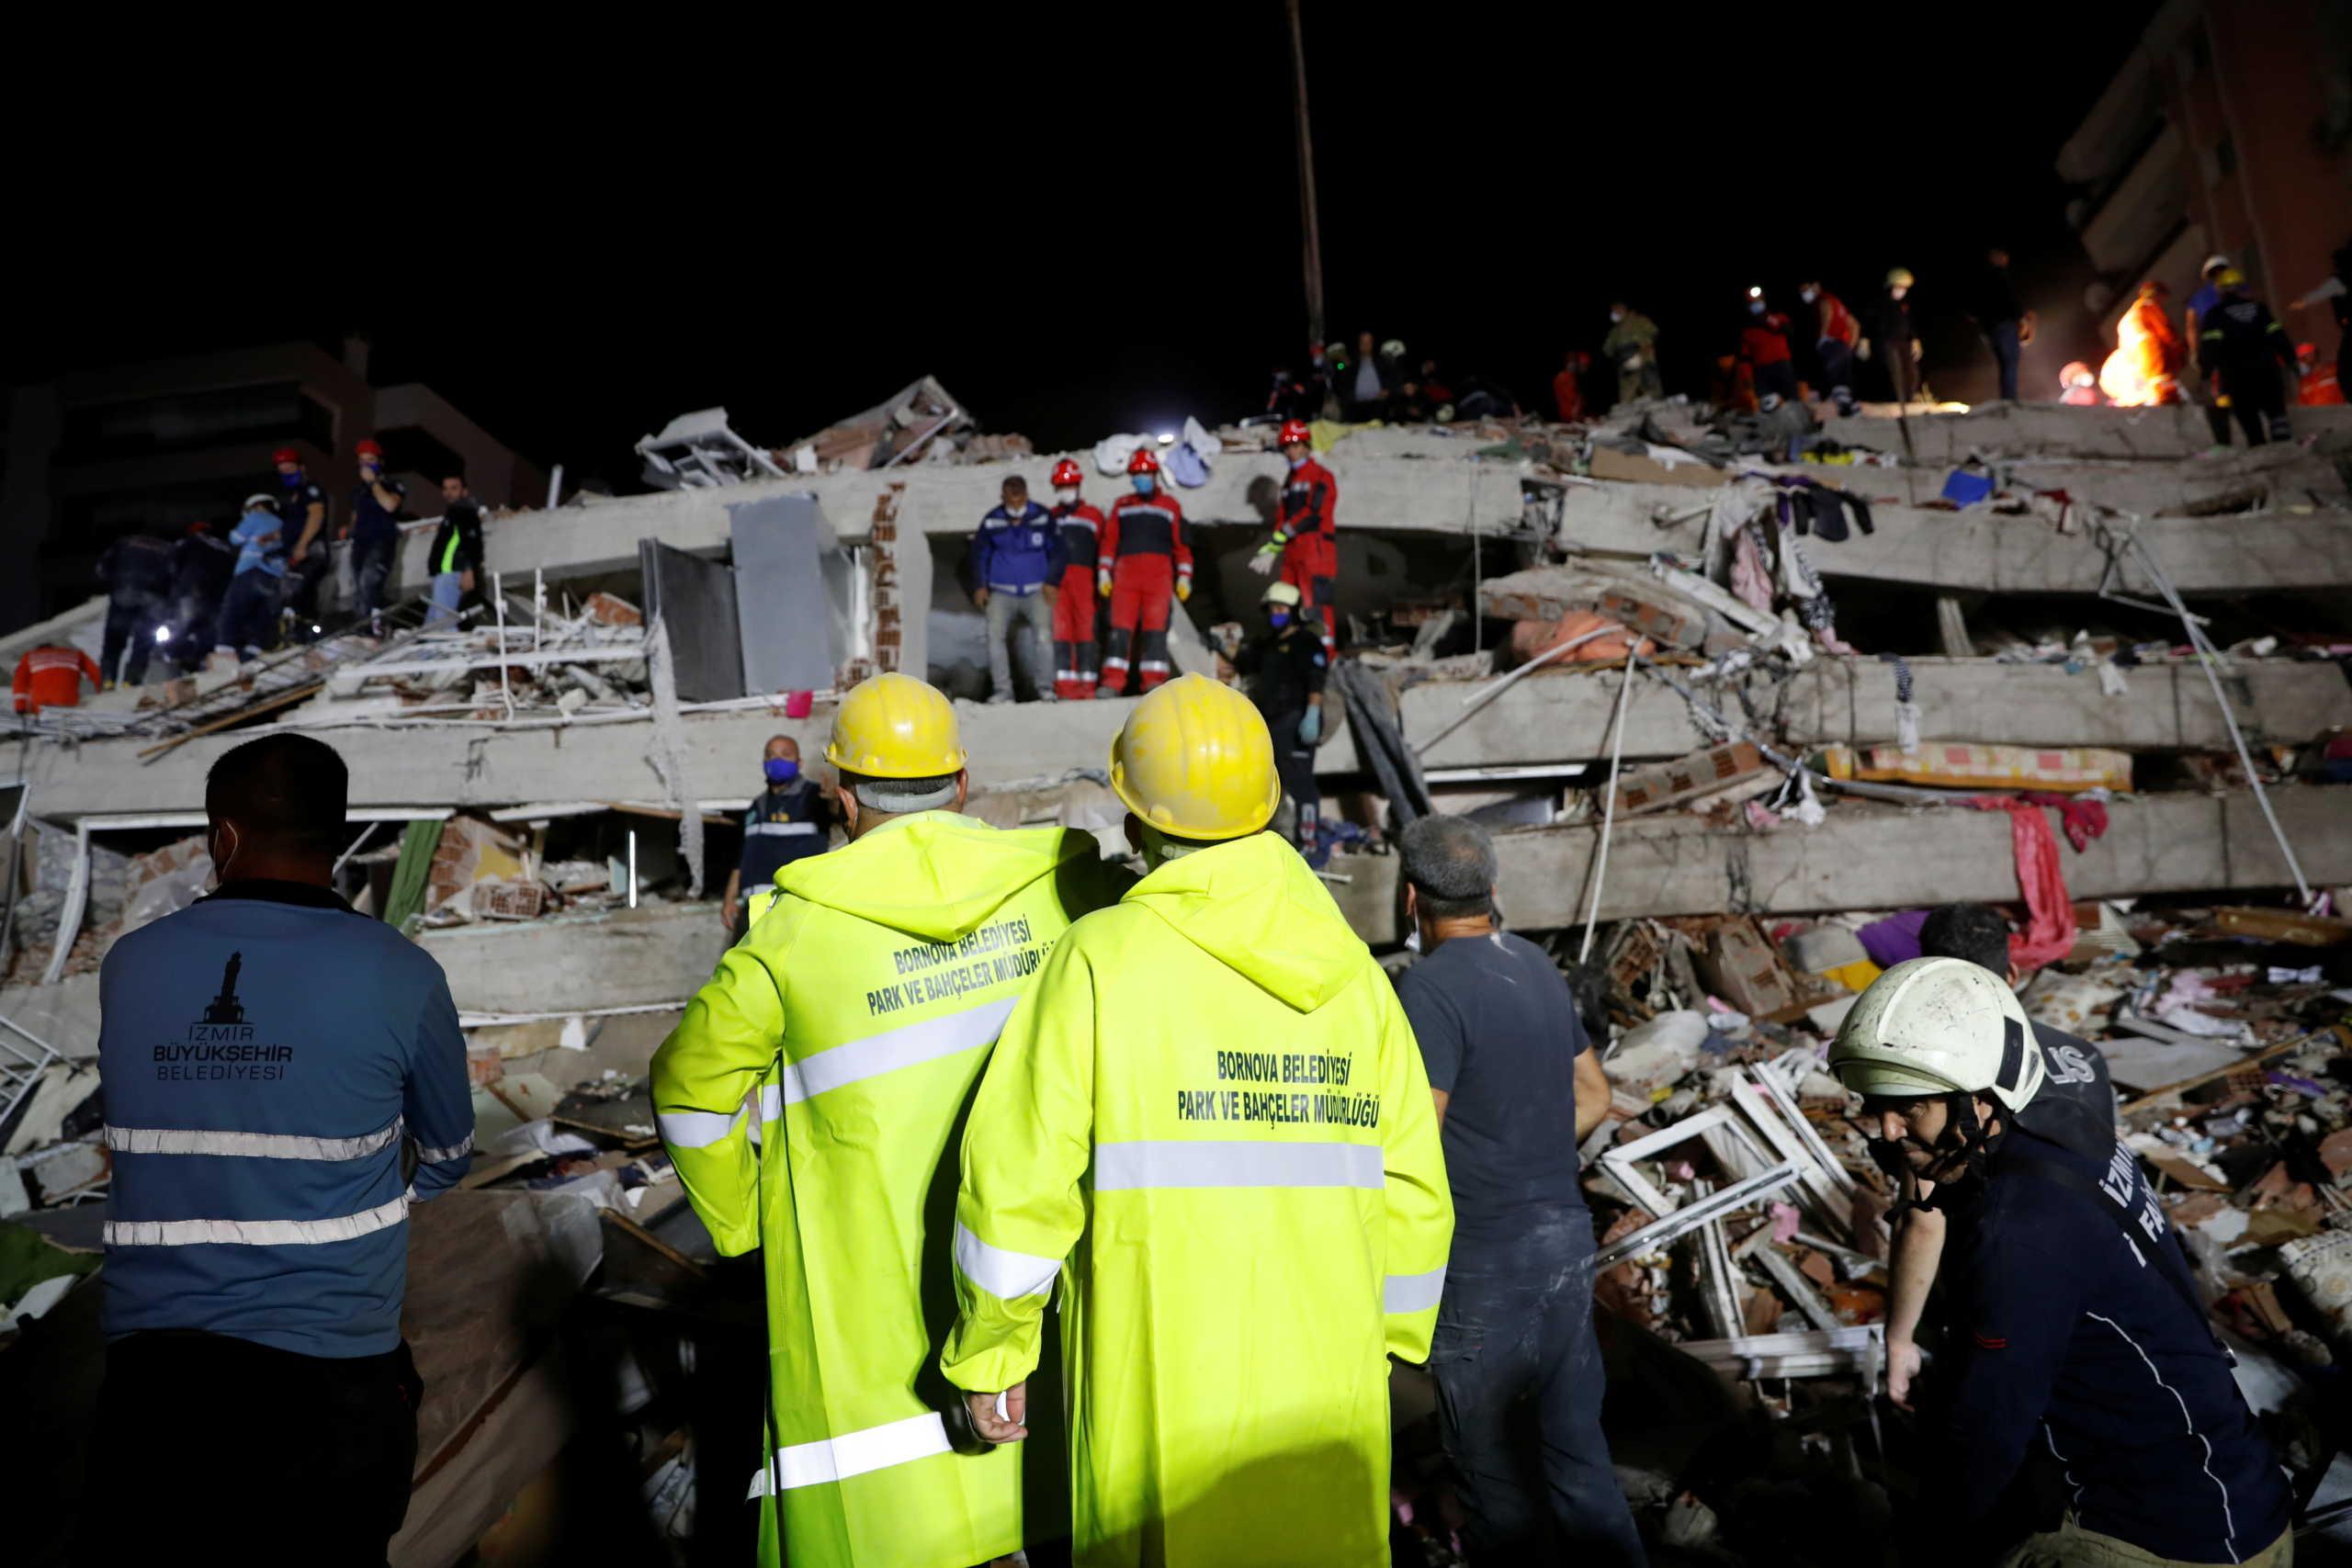 Σεισμός: Μάχη με το χρόνο στη Σμύρνη για τους εγκλωβισμένους – Αυξάνονται συνεχώς οι νεκροί